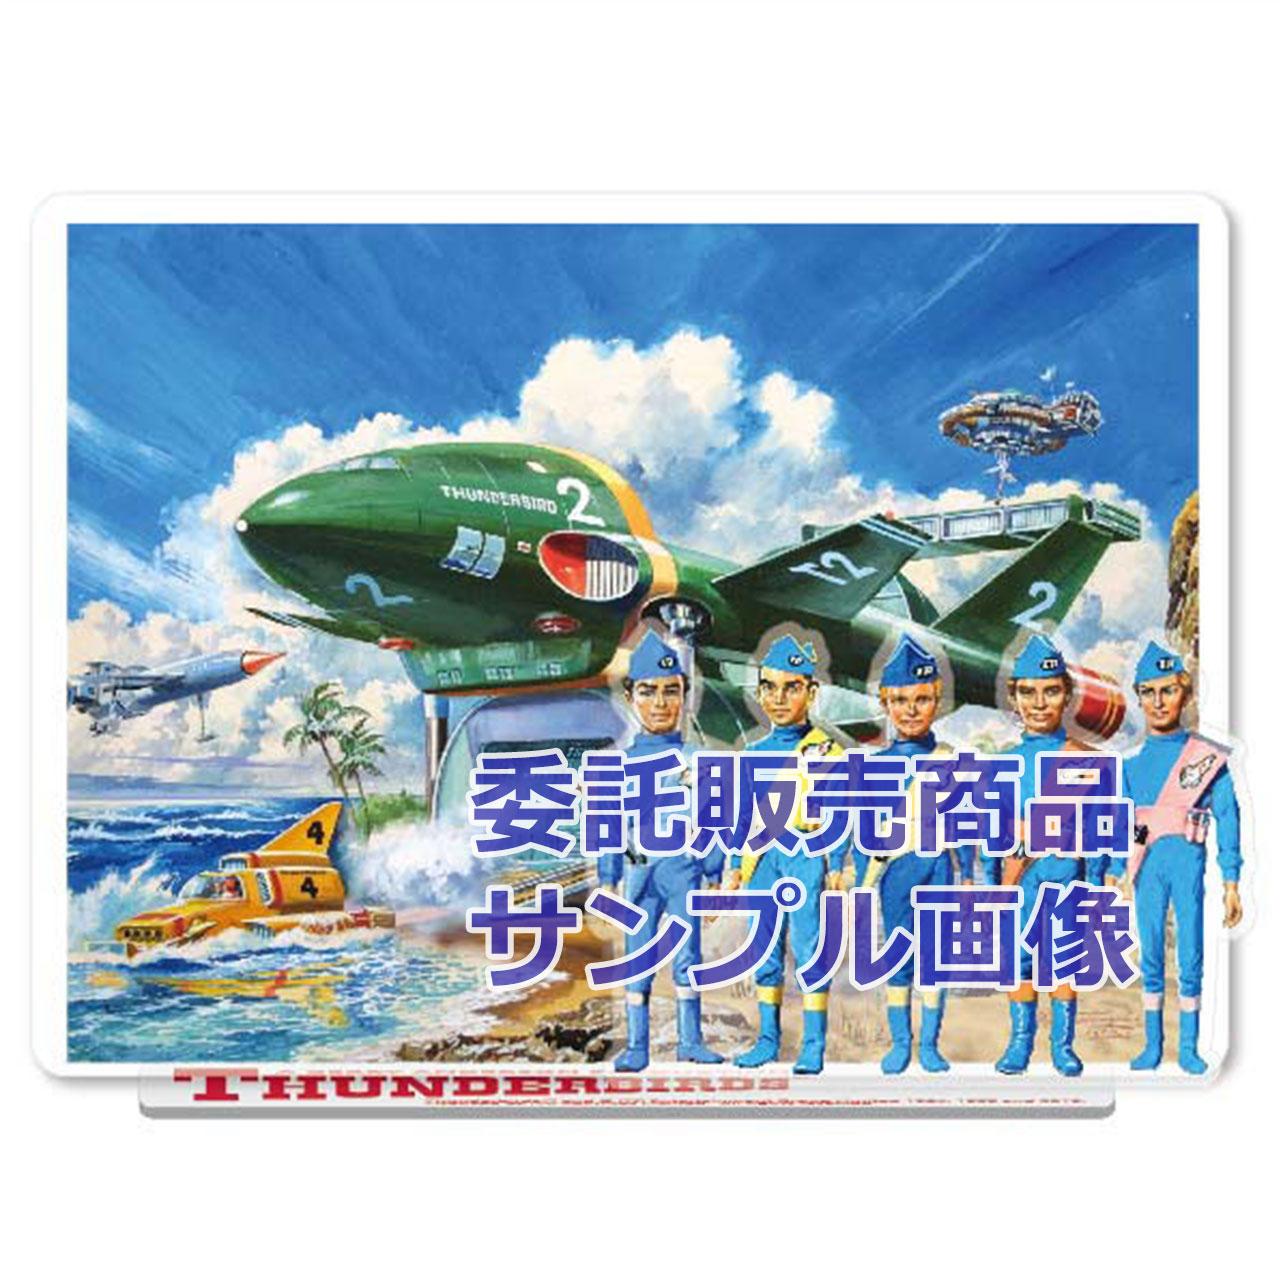 「サンダーバード」アクリルスタンドフィギュア2号